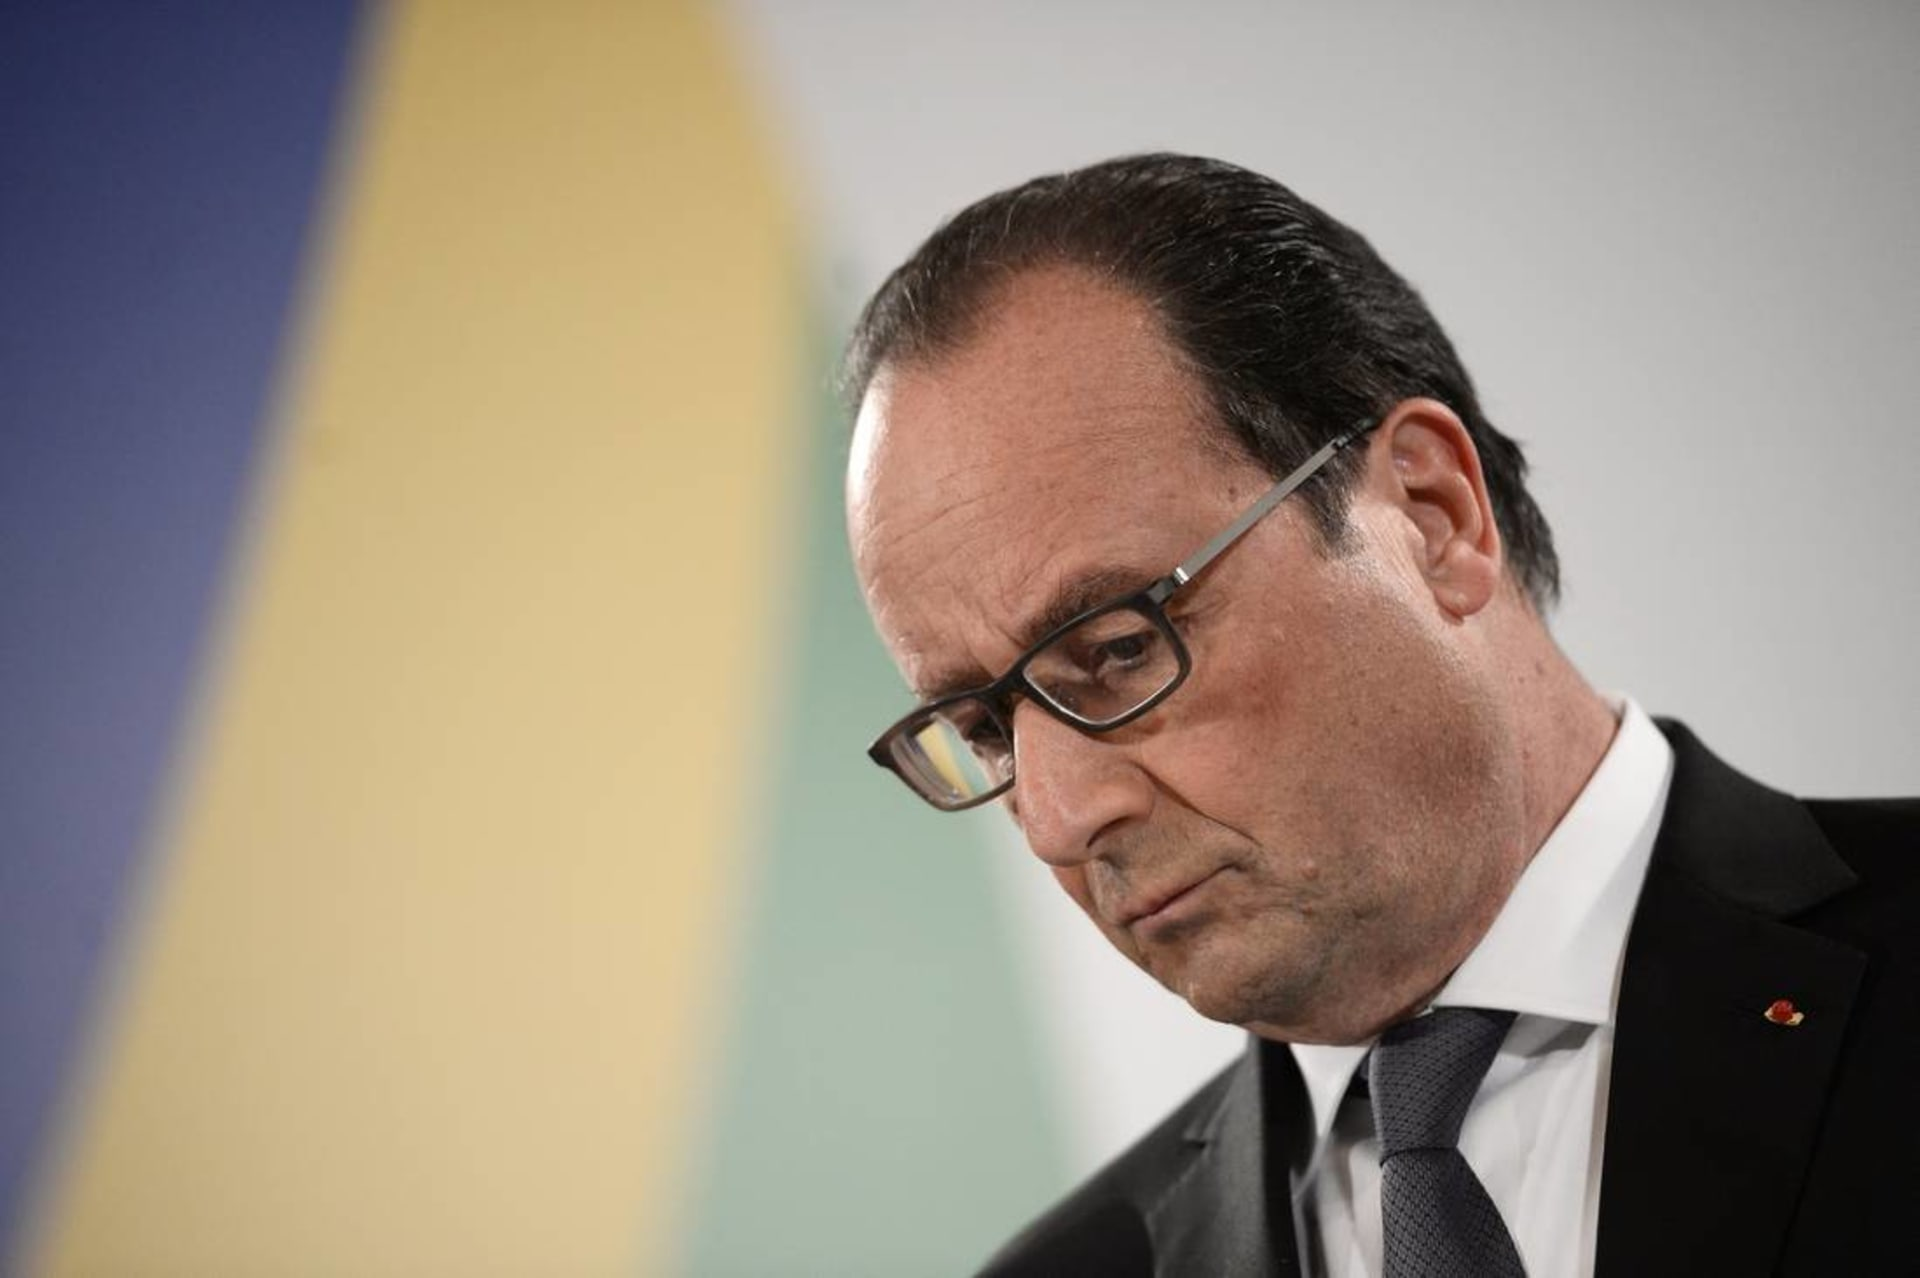 هولاند: انسحاب بريطانيا خيار مؤلم.. ولوبان تدعو لاستفتاء مماثل في فرنسا